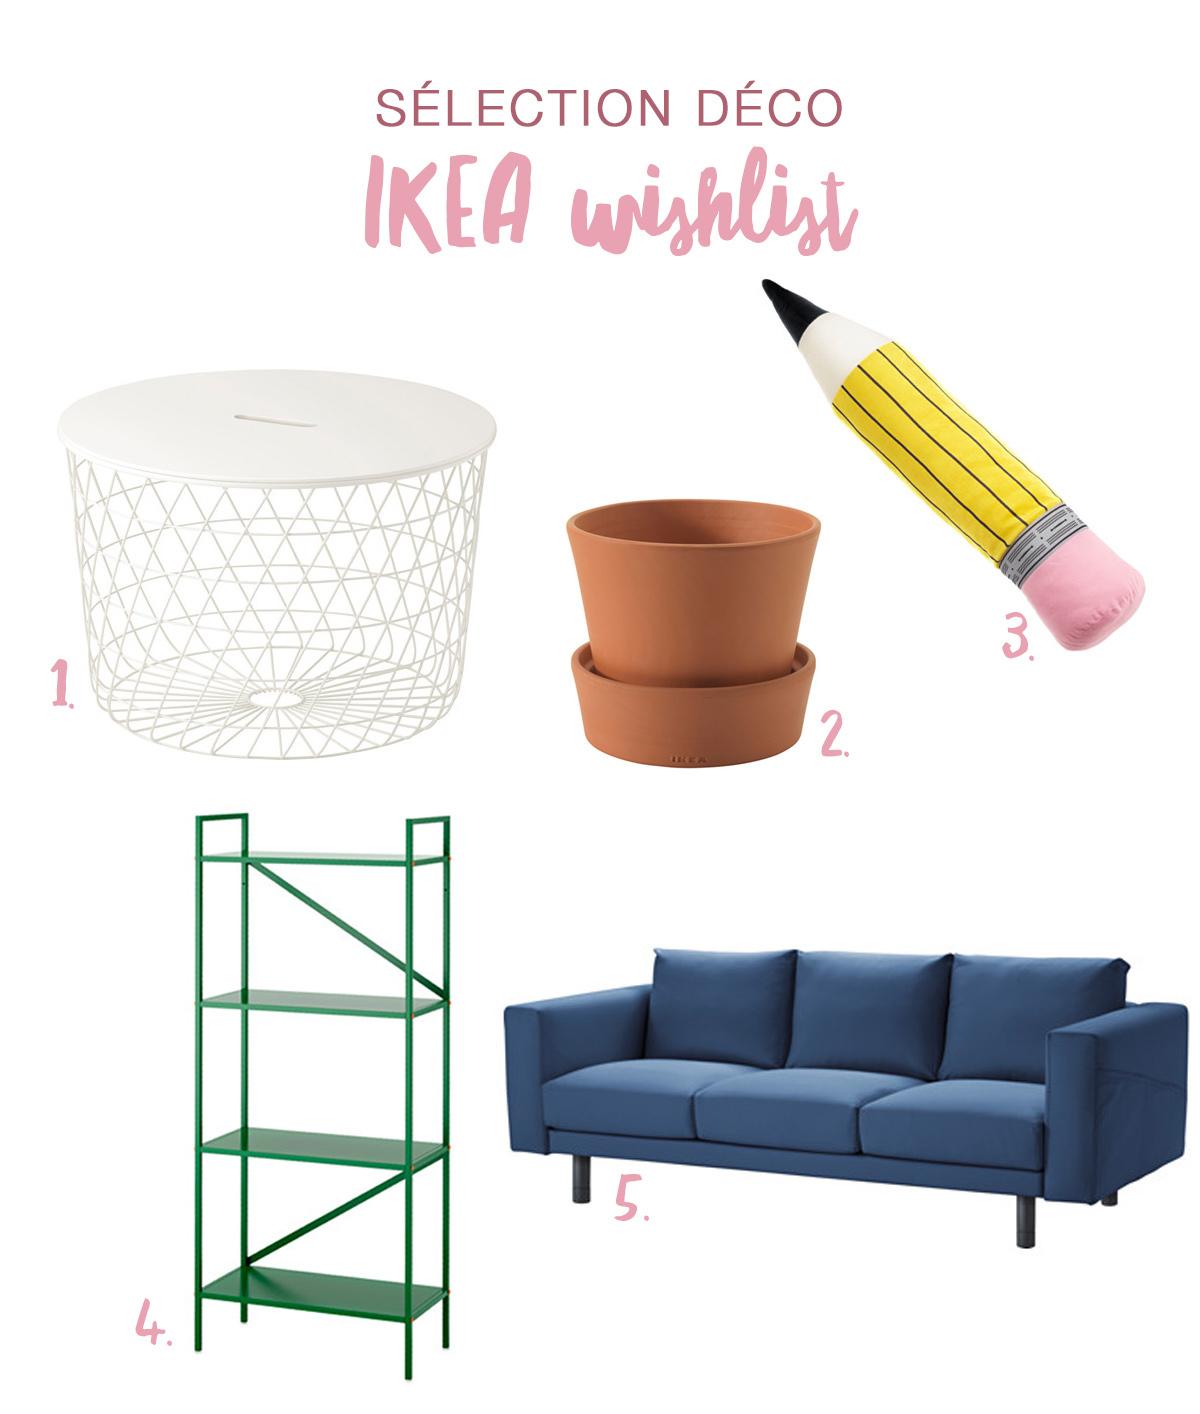 Poulette magique page 21 blog diy lifestyle vintage for Ikea cyber monday 2016